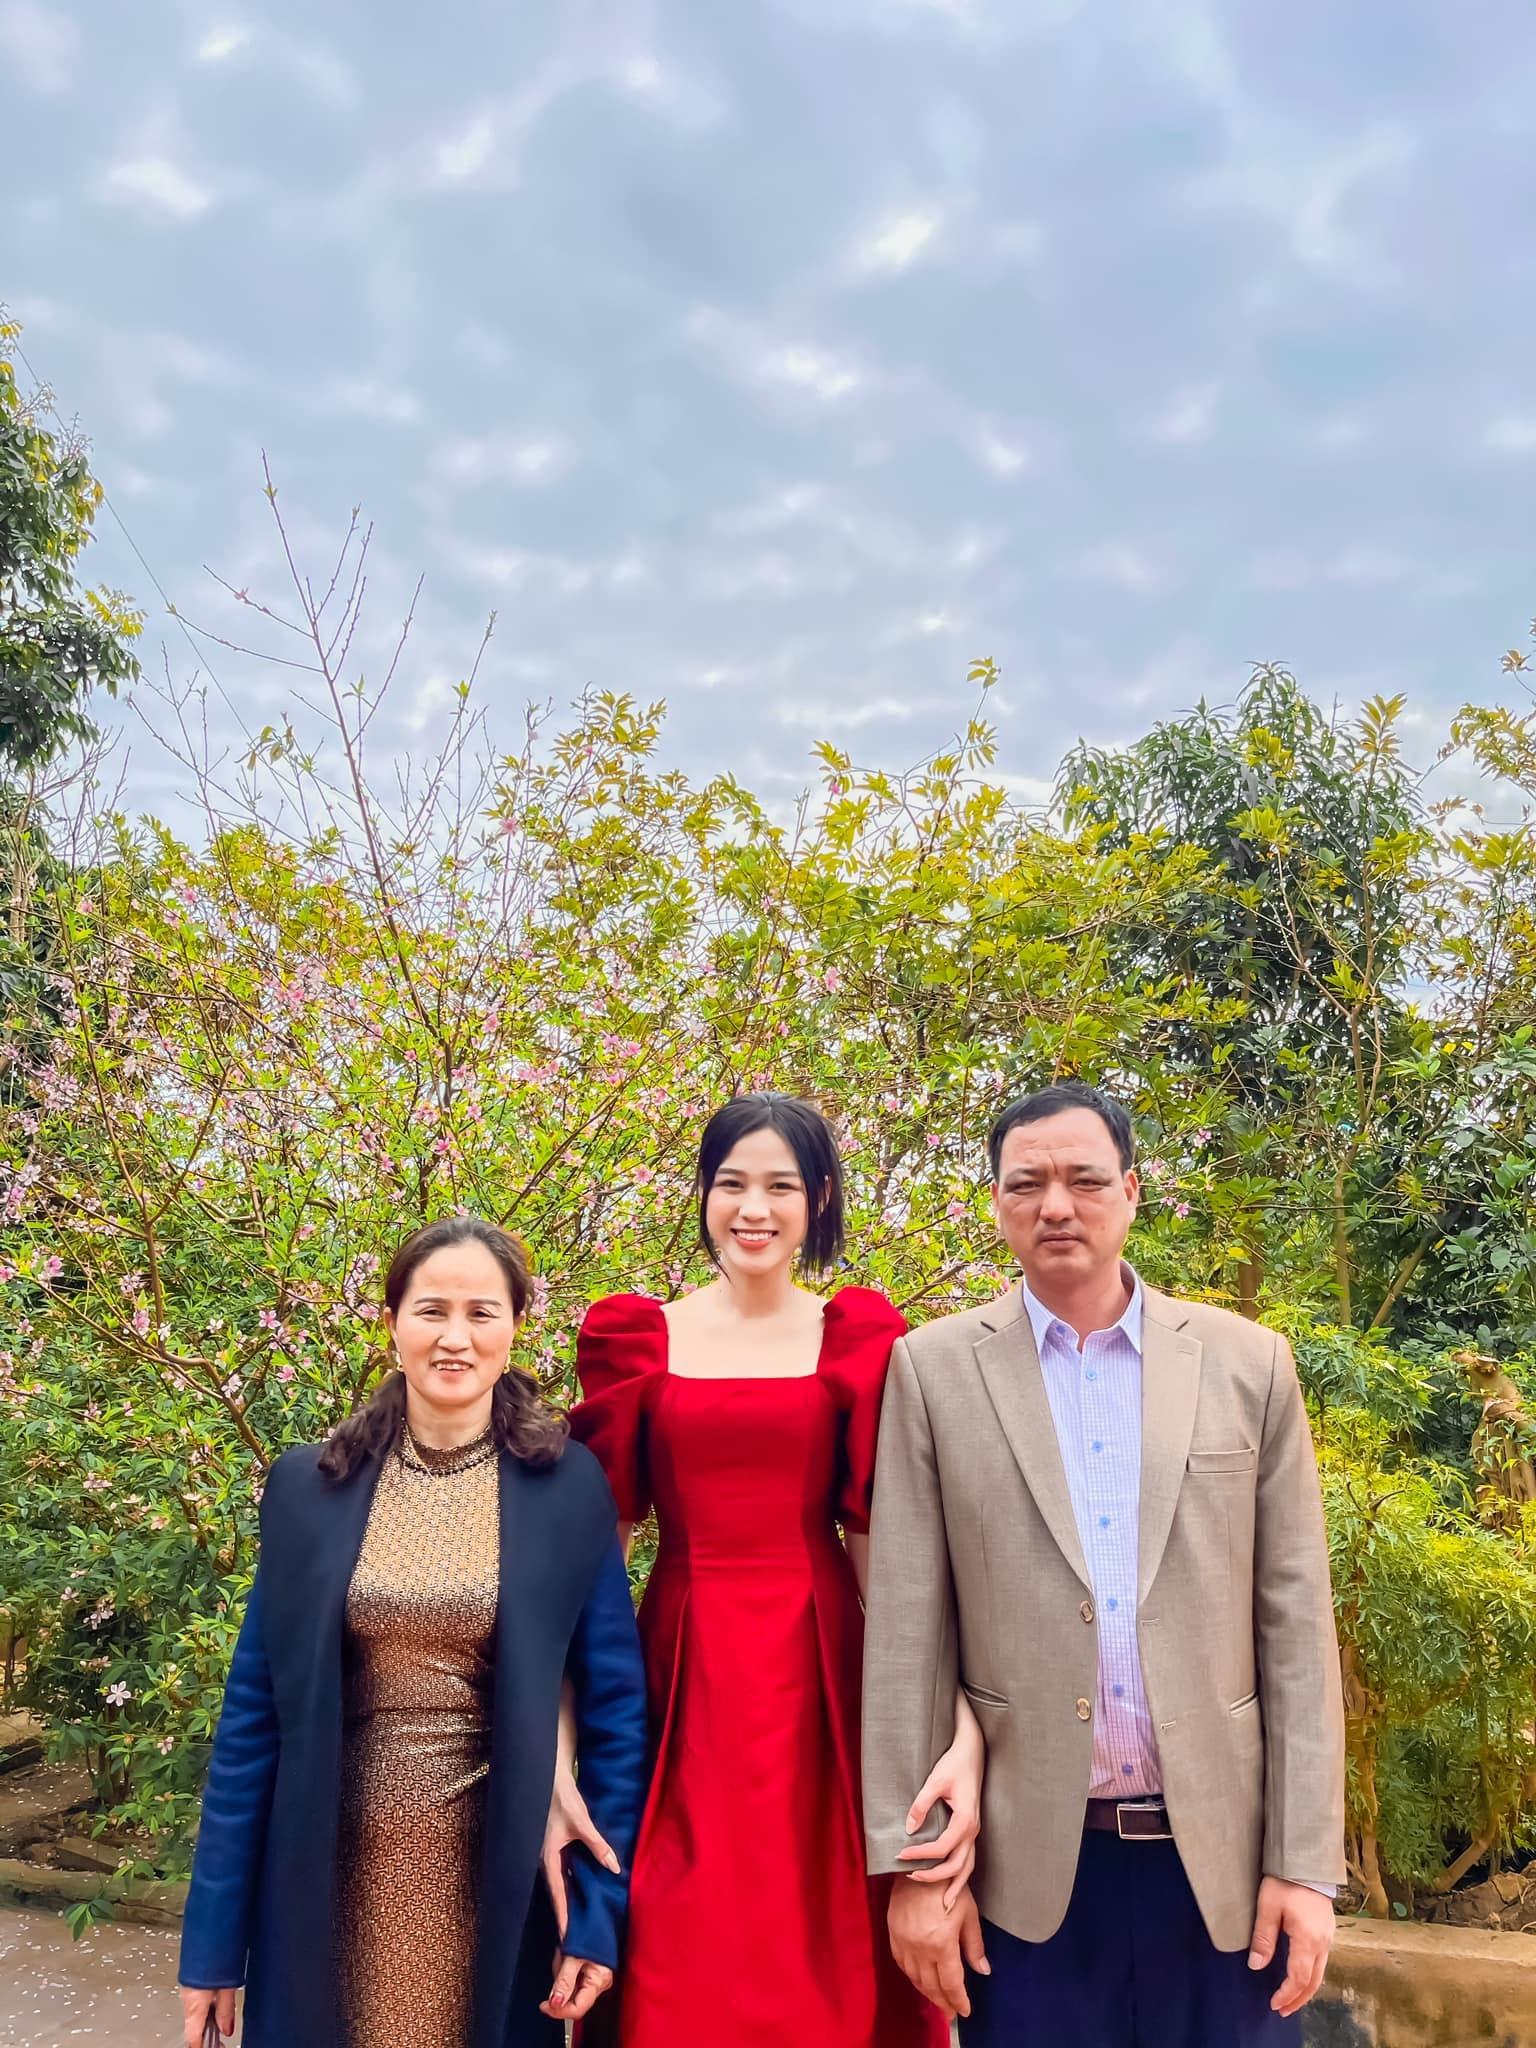 Hoa hậu Đỗ Thị Hà: 'Nên trải qua nhiều mối tình trước khi kết hôn'